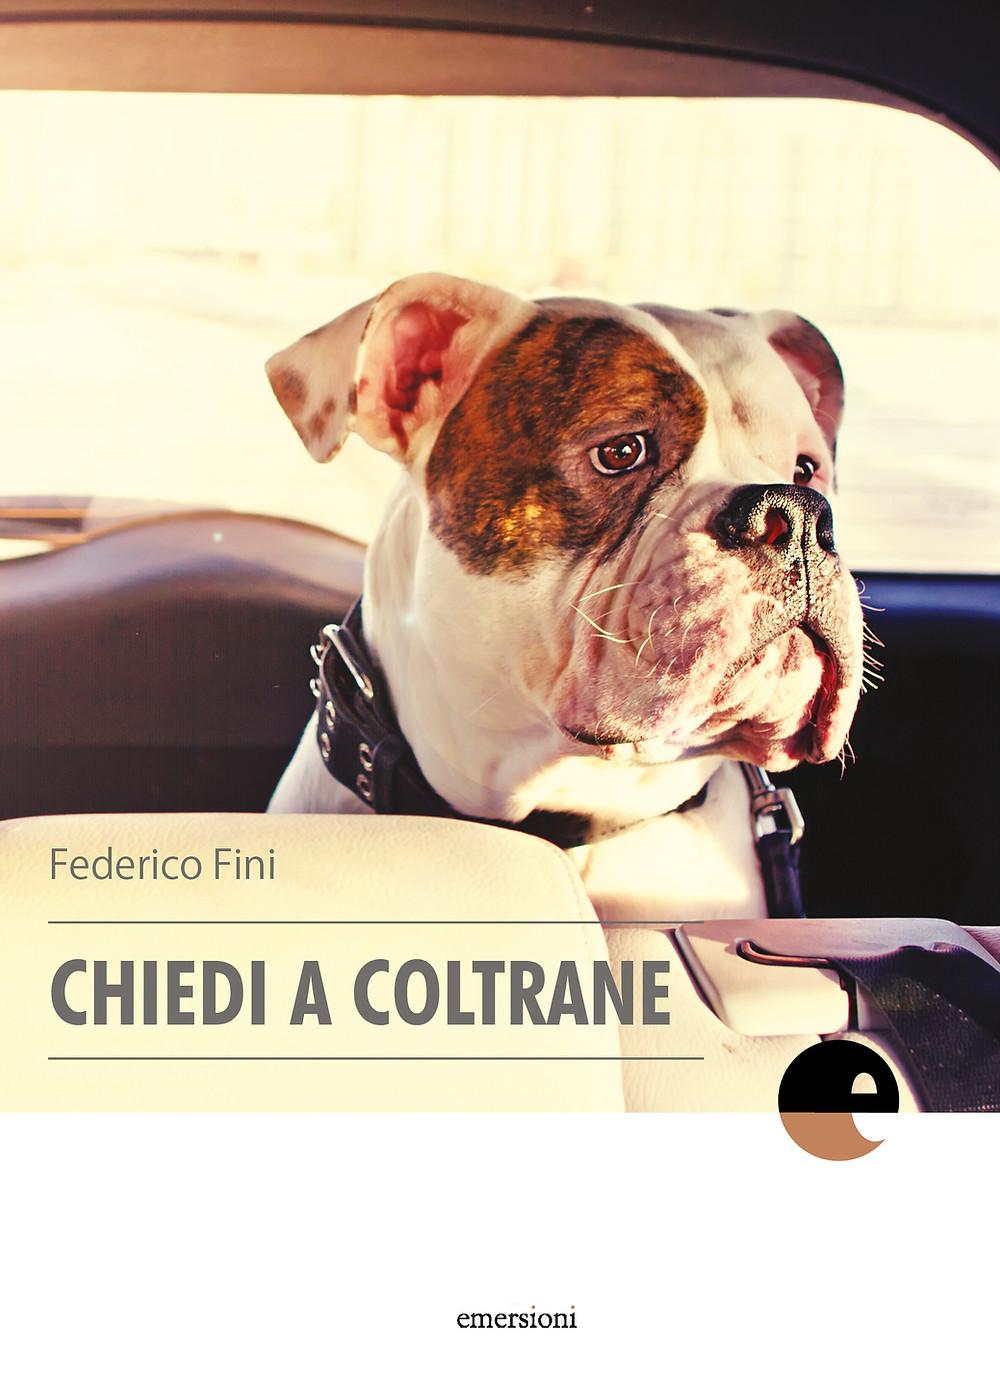 Chiedi a Coltrane - Emersioni - Federico Fini